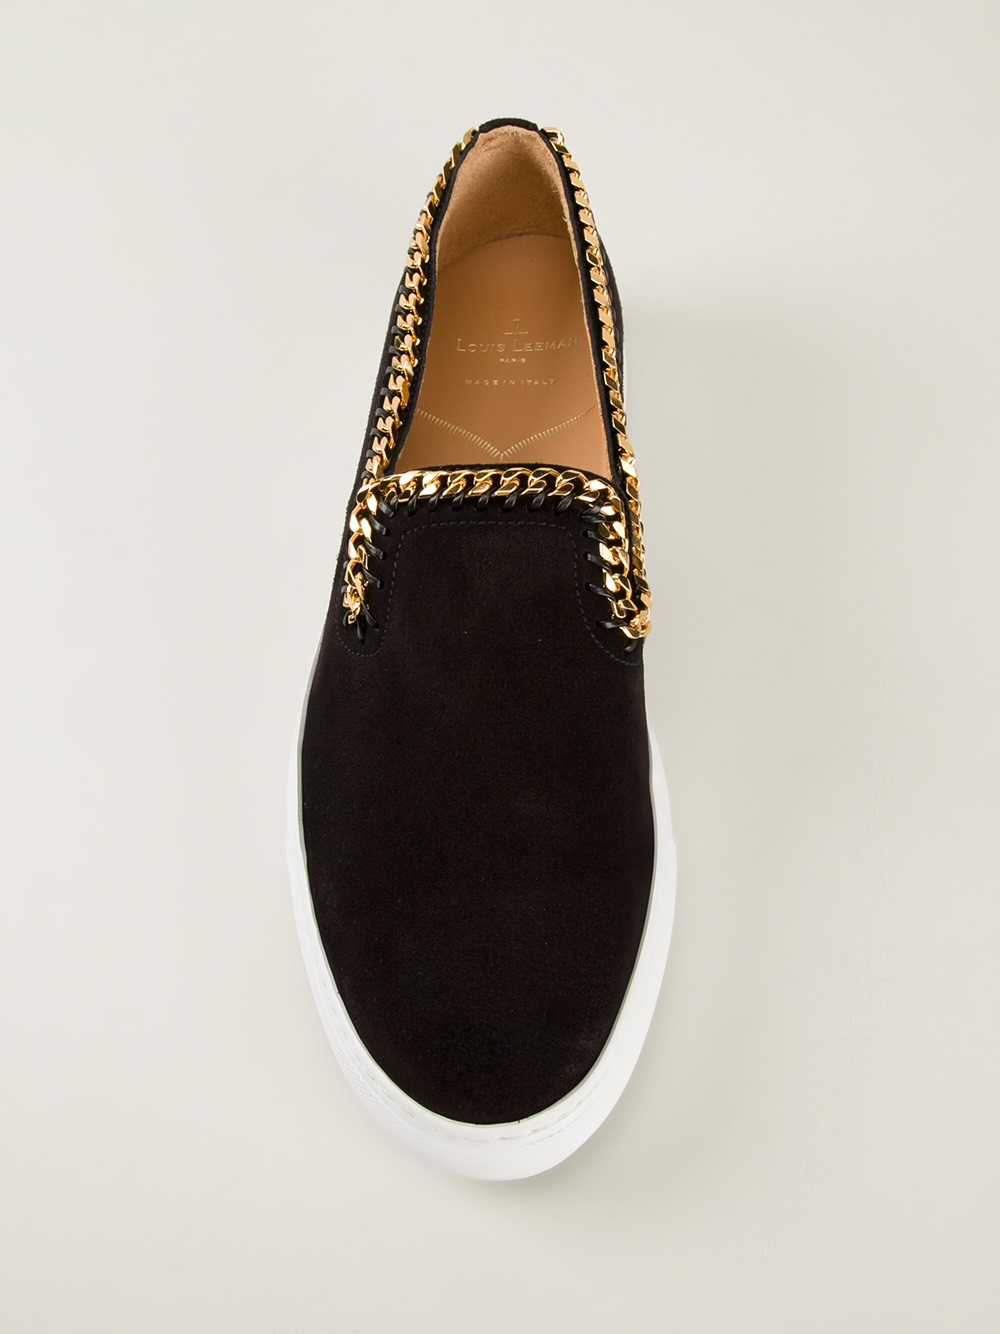 Louis Leeman Slip On Sneakers in Black